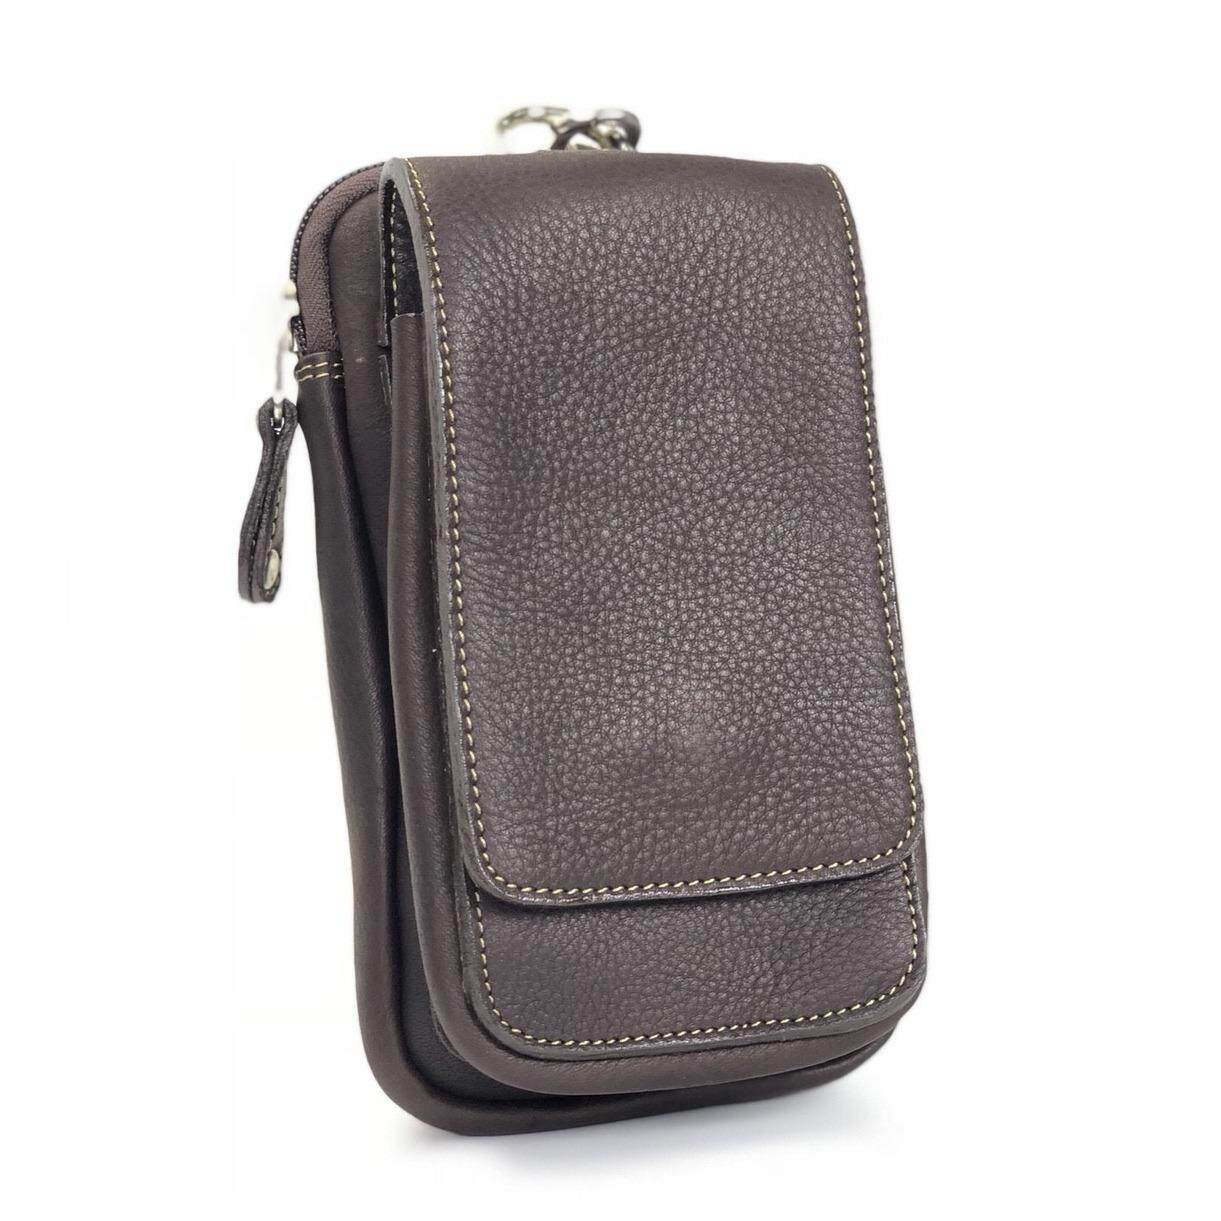 ขาย Chinatown Leather กระเป๋าหนังแท้ใส่มือถือร้อยเข็มขัด หนังชาร์มัวร์ สีน้ำตาล ราคาถูกที่สุด